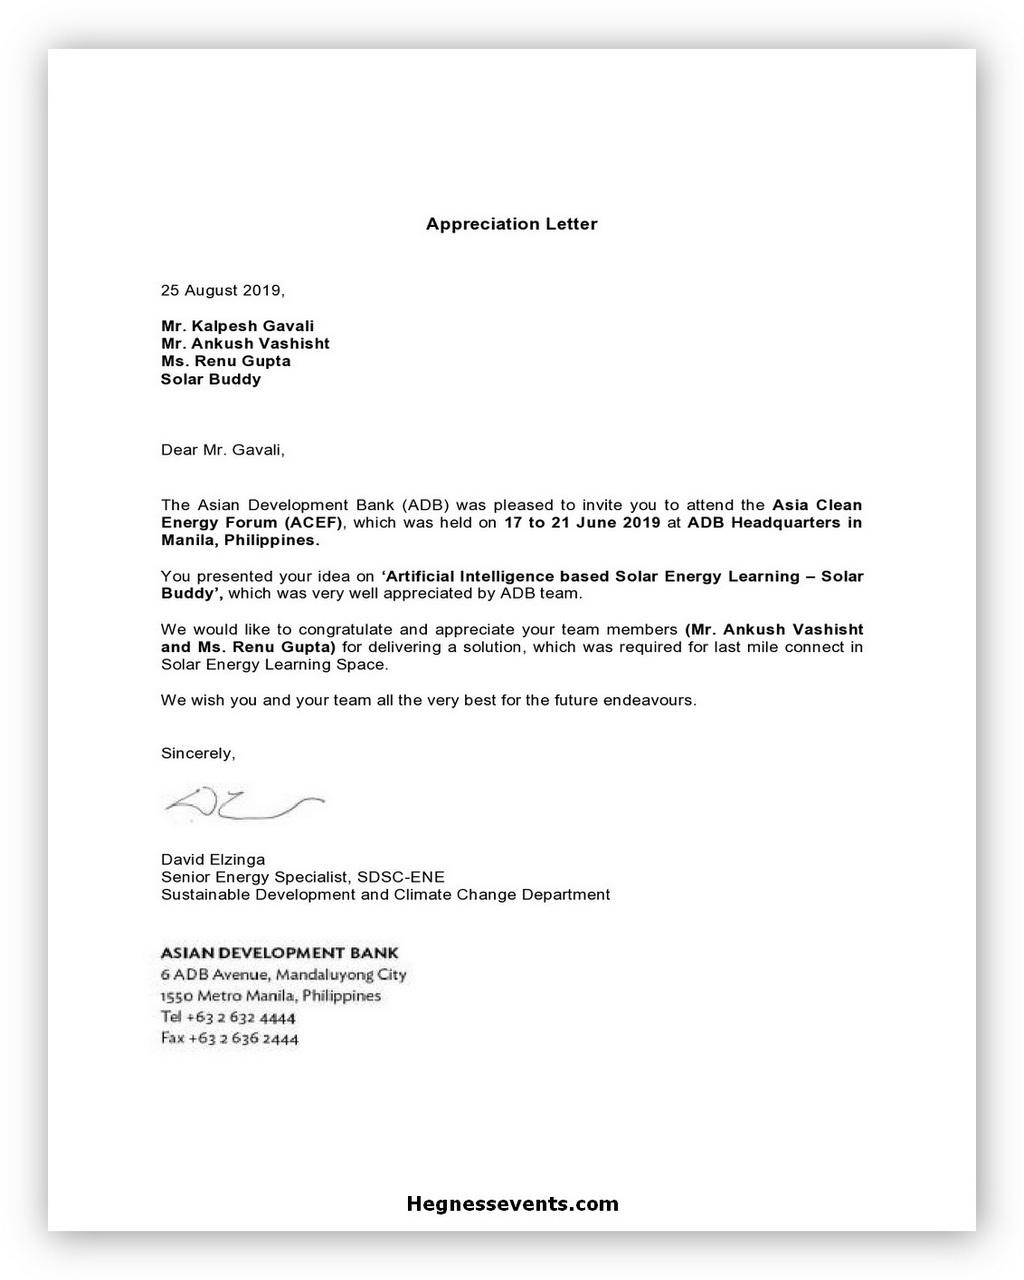 Appreciation Letter Template 07